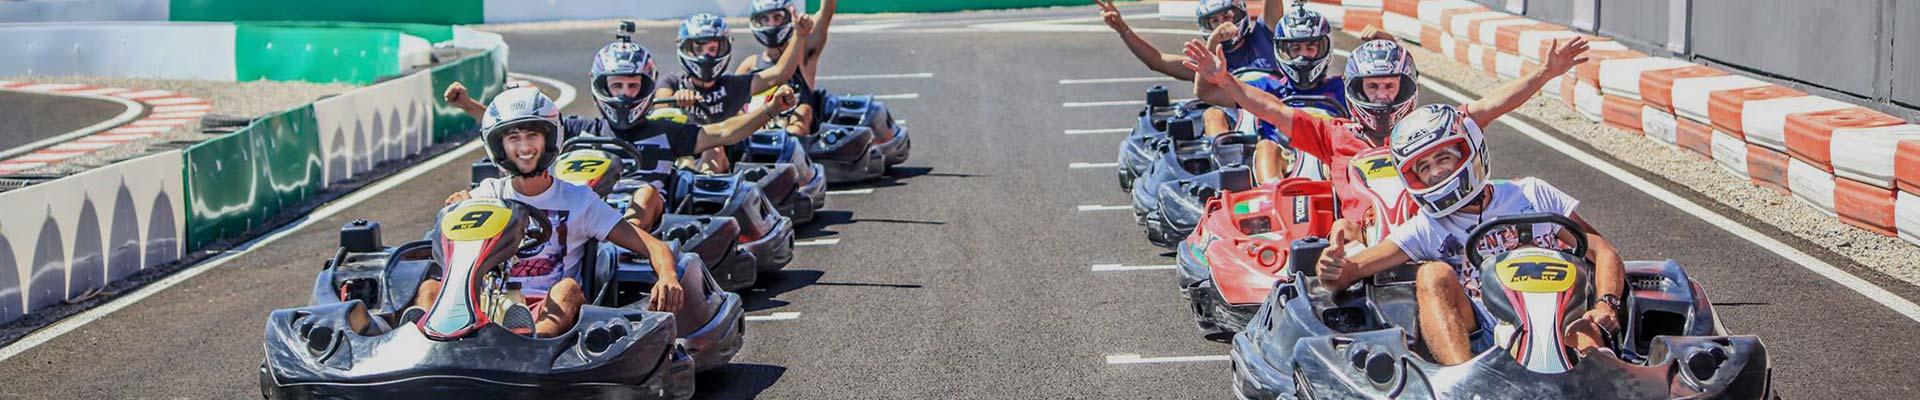 karting en malaga